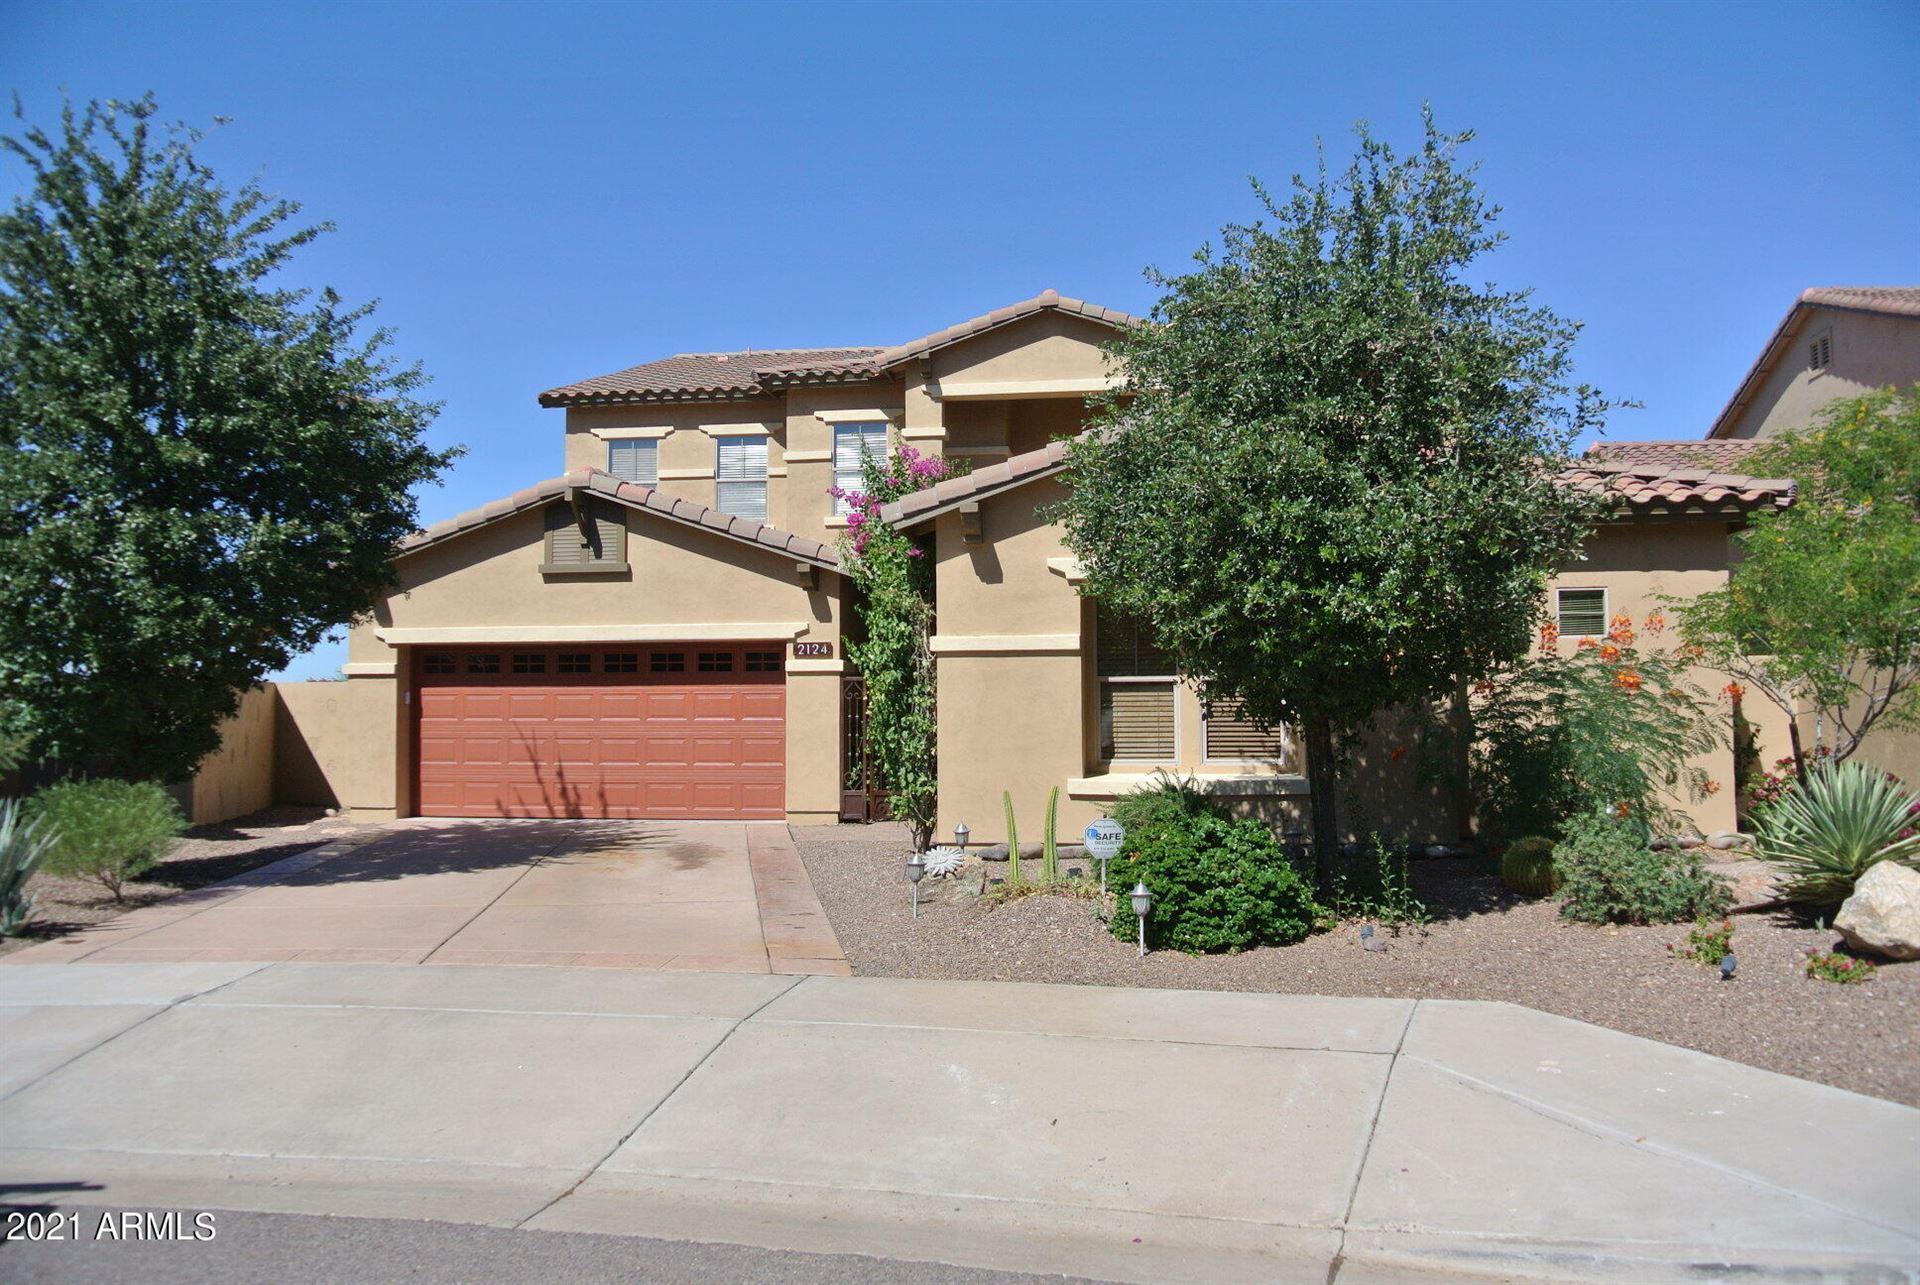 2124 E CALDWELL Street, Phoenix, AZ 85042 - MLS#: 6300512